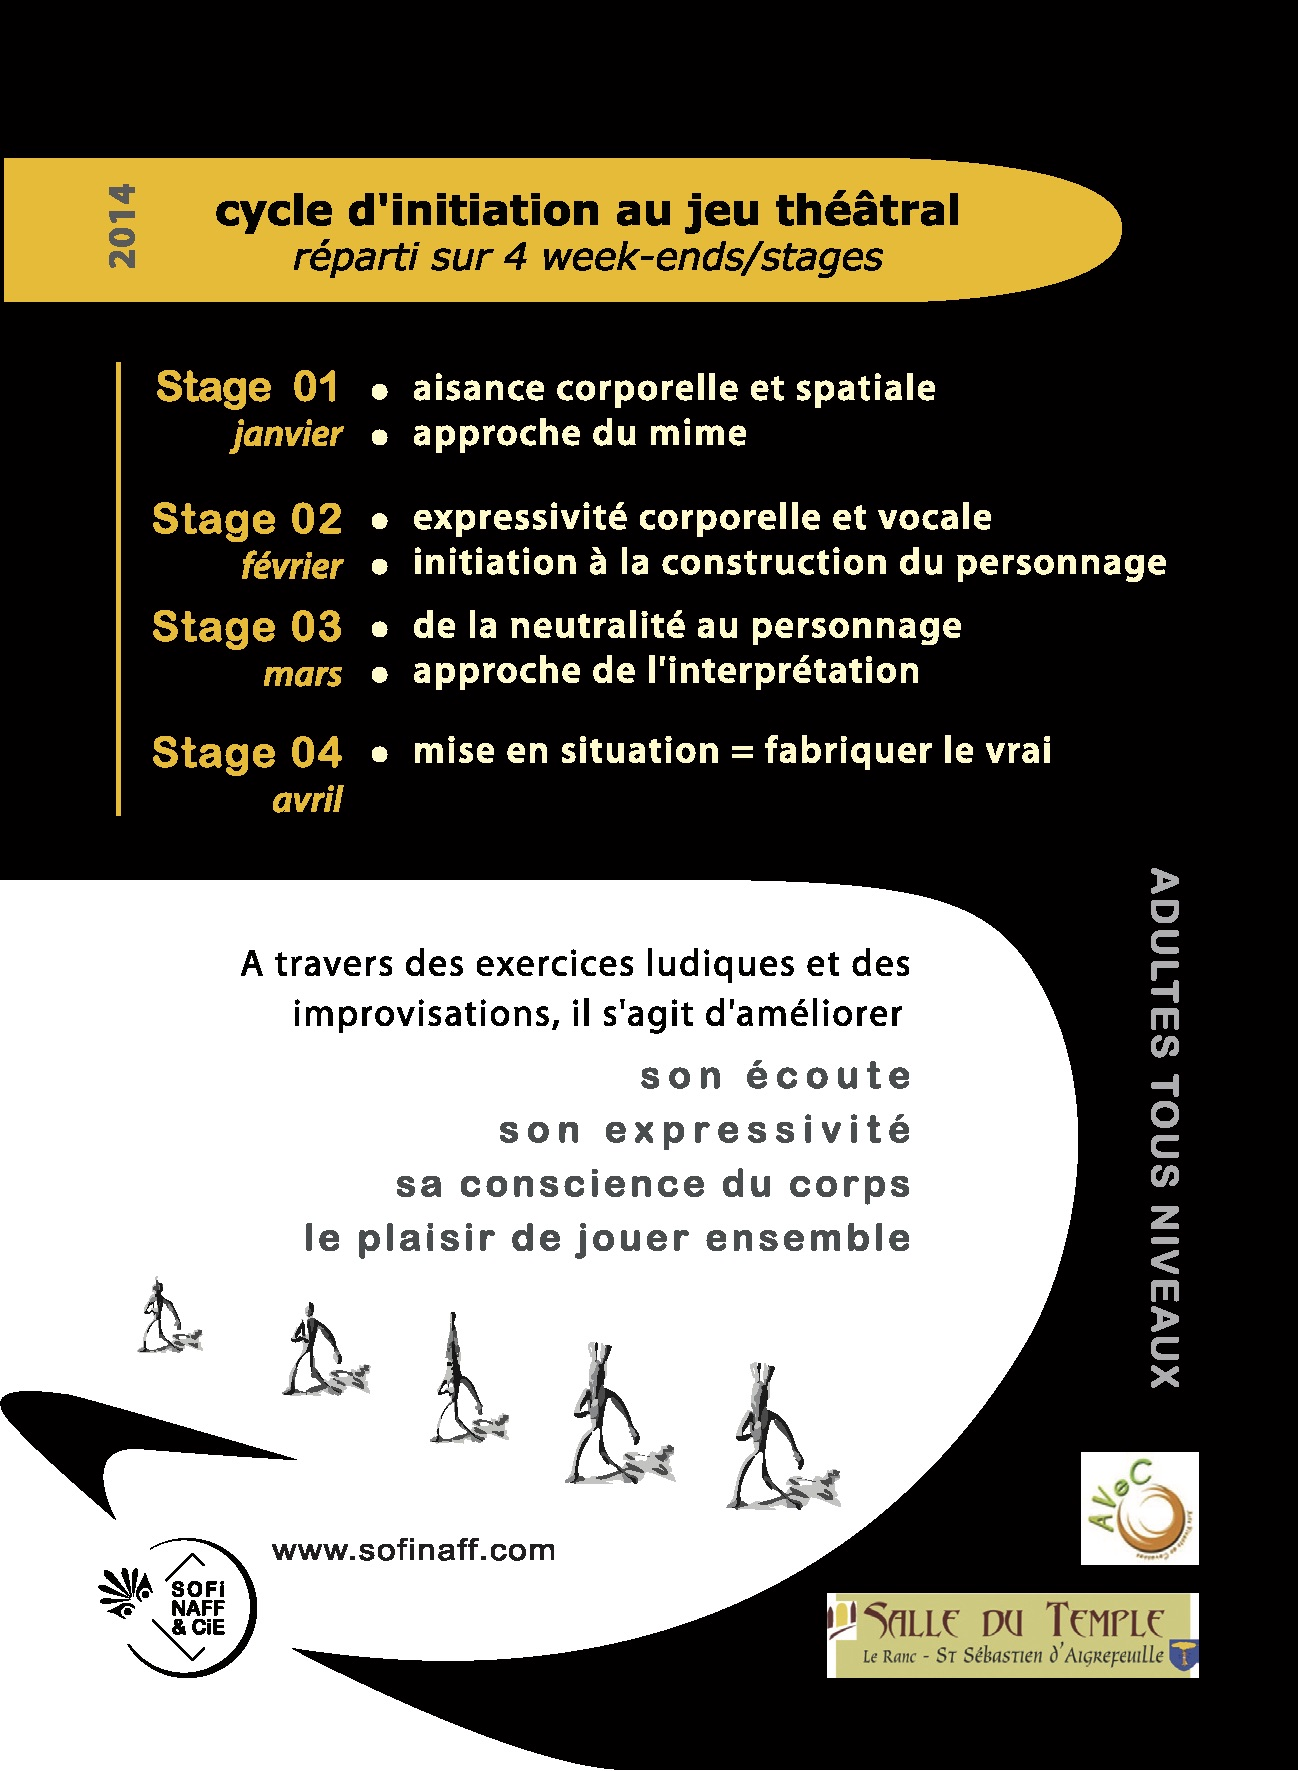 Flyer V° - Week-ends Stages Théâtre - Asso [Sofi Naff & Cie] - 2014